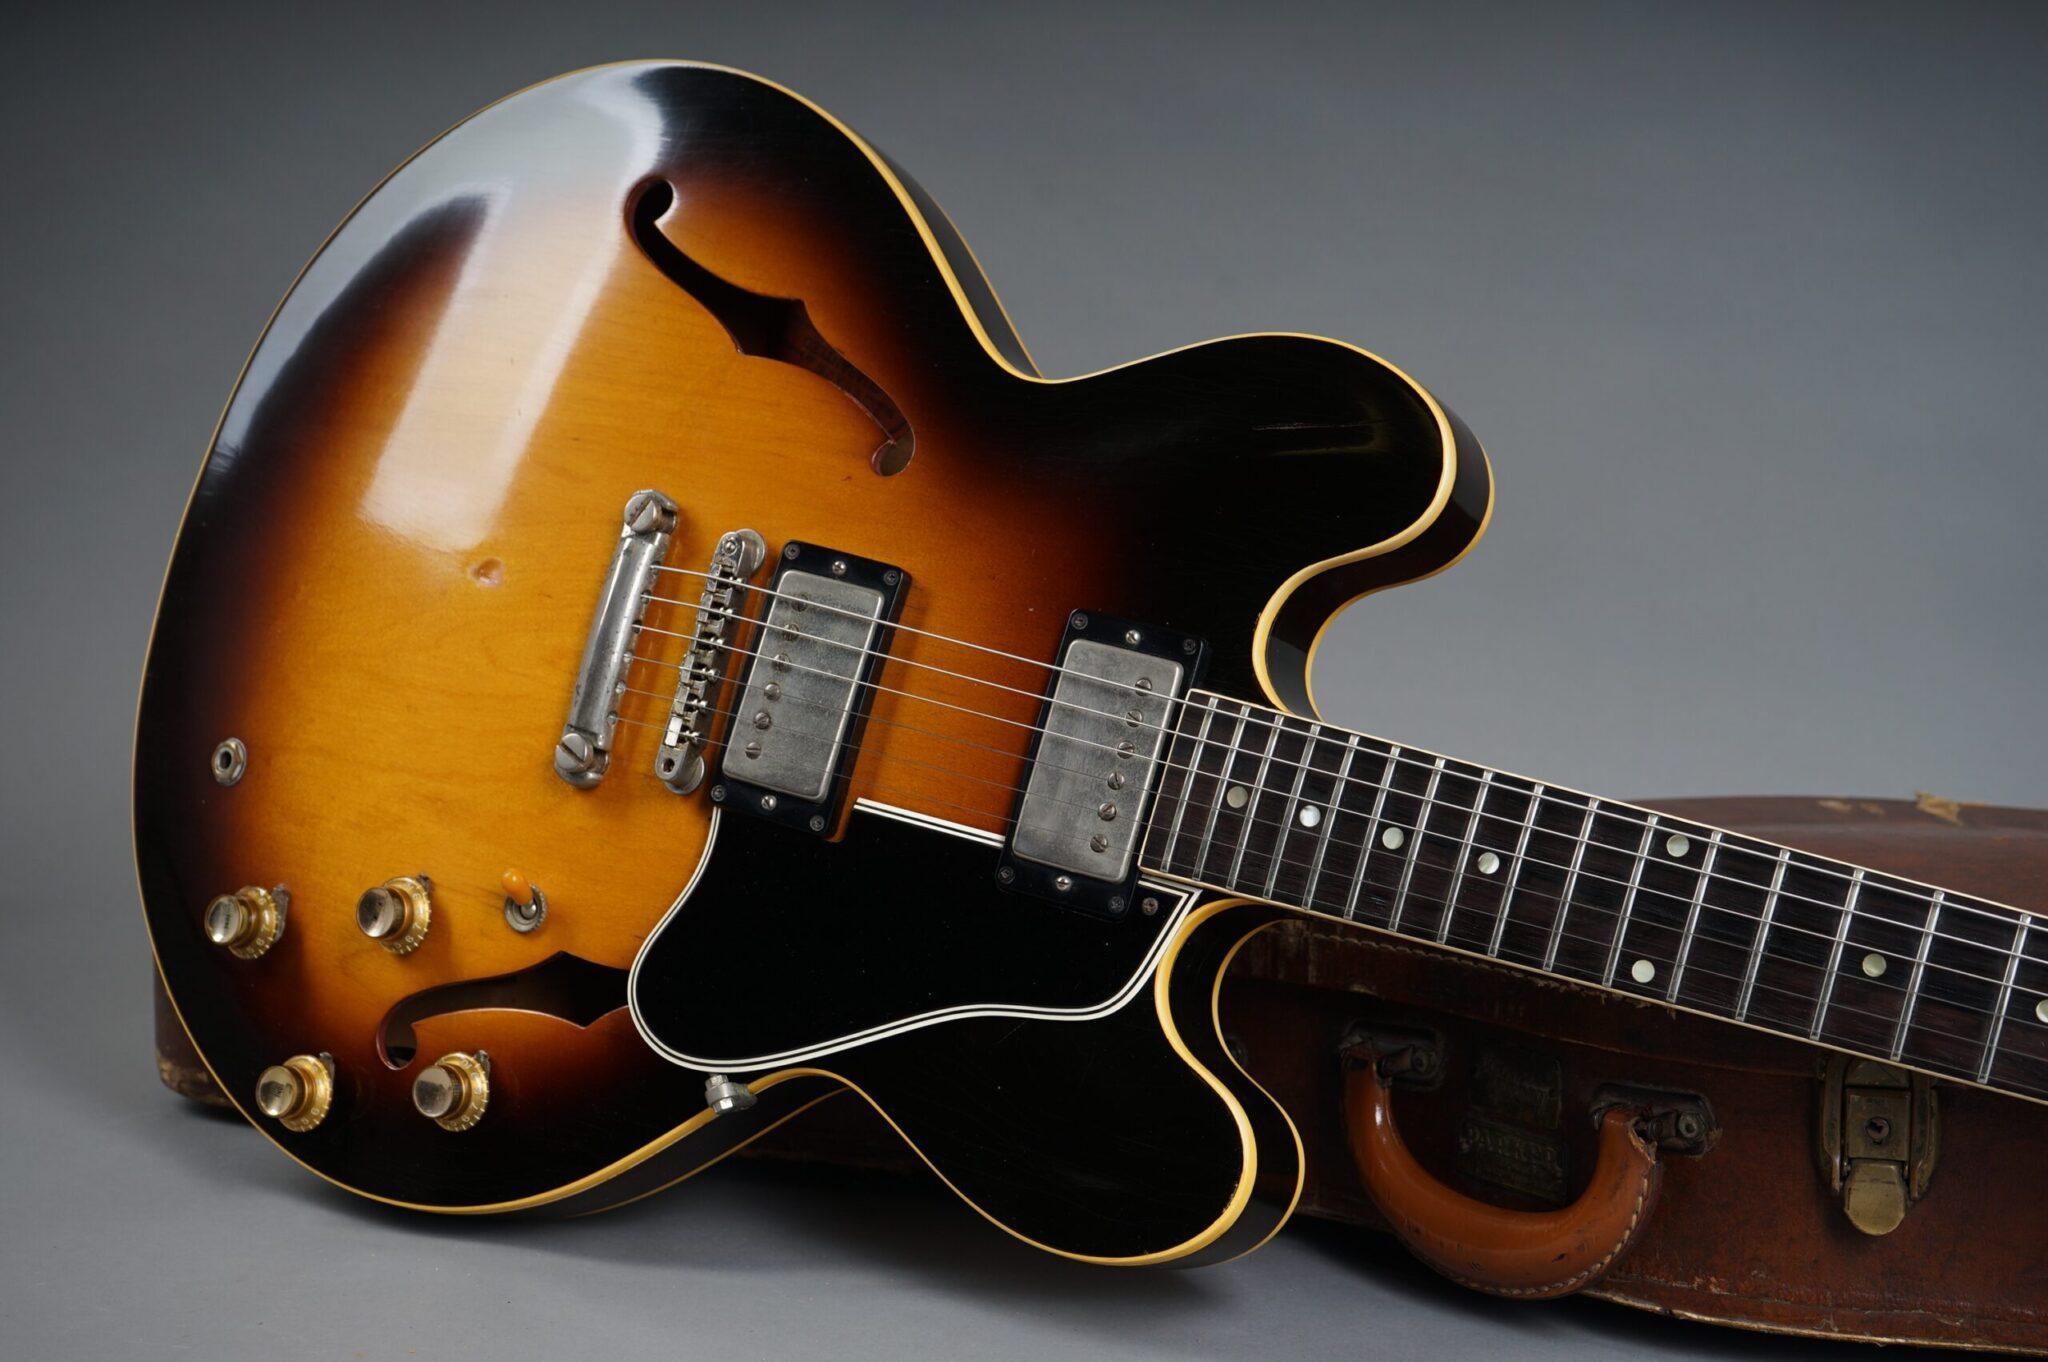 https://guitarpoint.de/app/uploads/products/1961-gibson-es-335-td-sunburst-2/1961-Gibson-ES-335-TD-Sunburst-26162-19-scaled-2048x1362.jpg